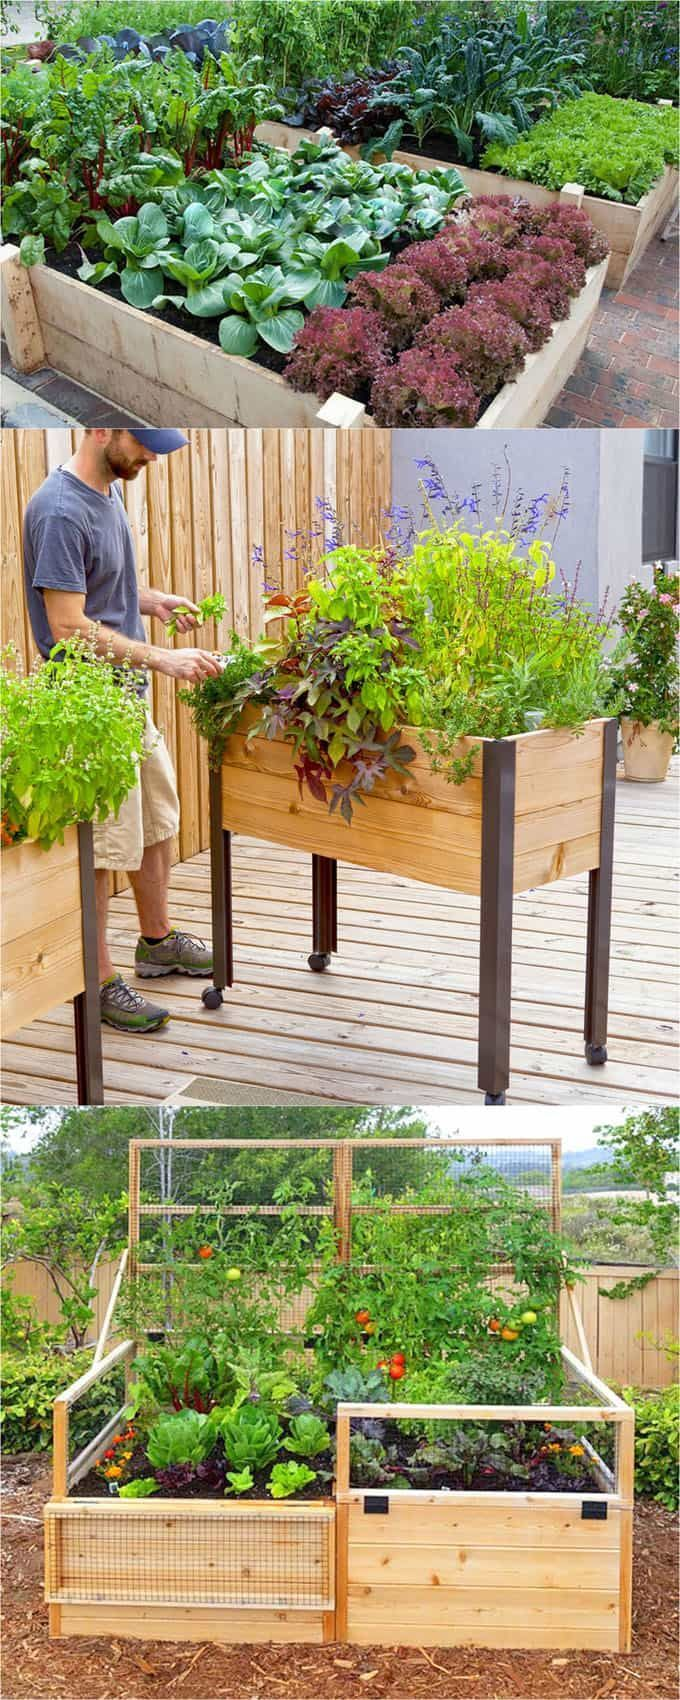 28 Best Diy Raised Bed Garden Ideas Designs Garden 640 x 480